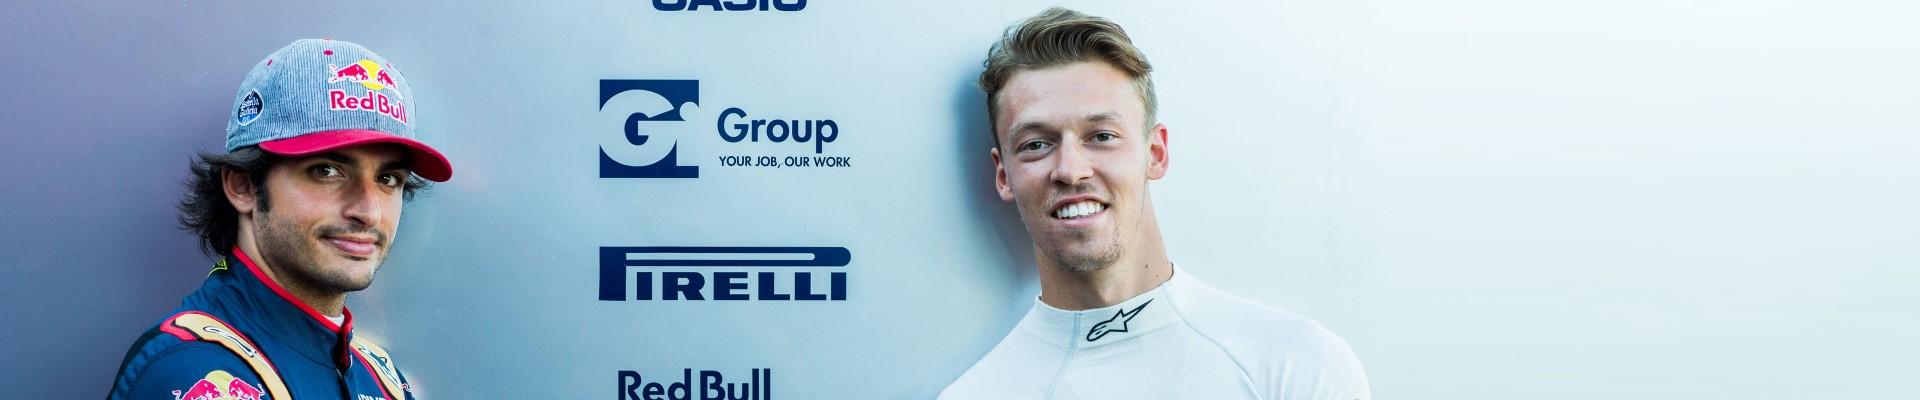 Gi Group sponsor della Scuderia Toro Rosso in F1